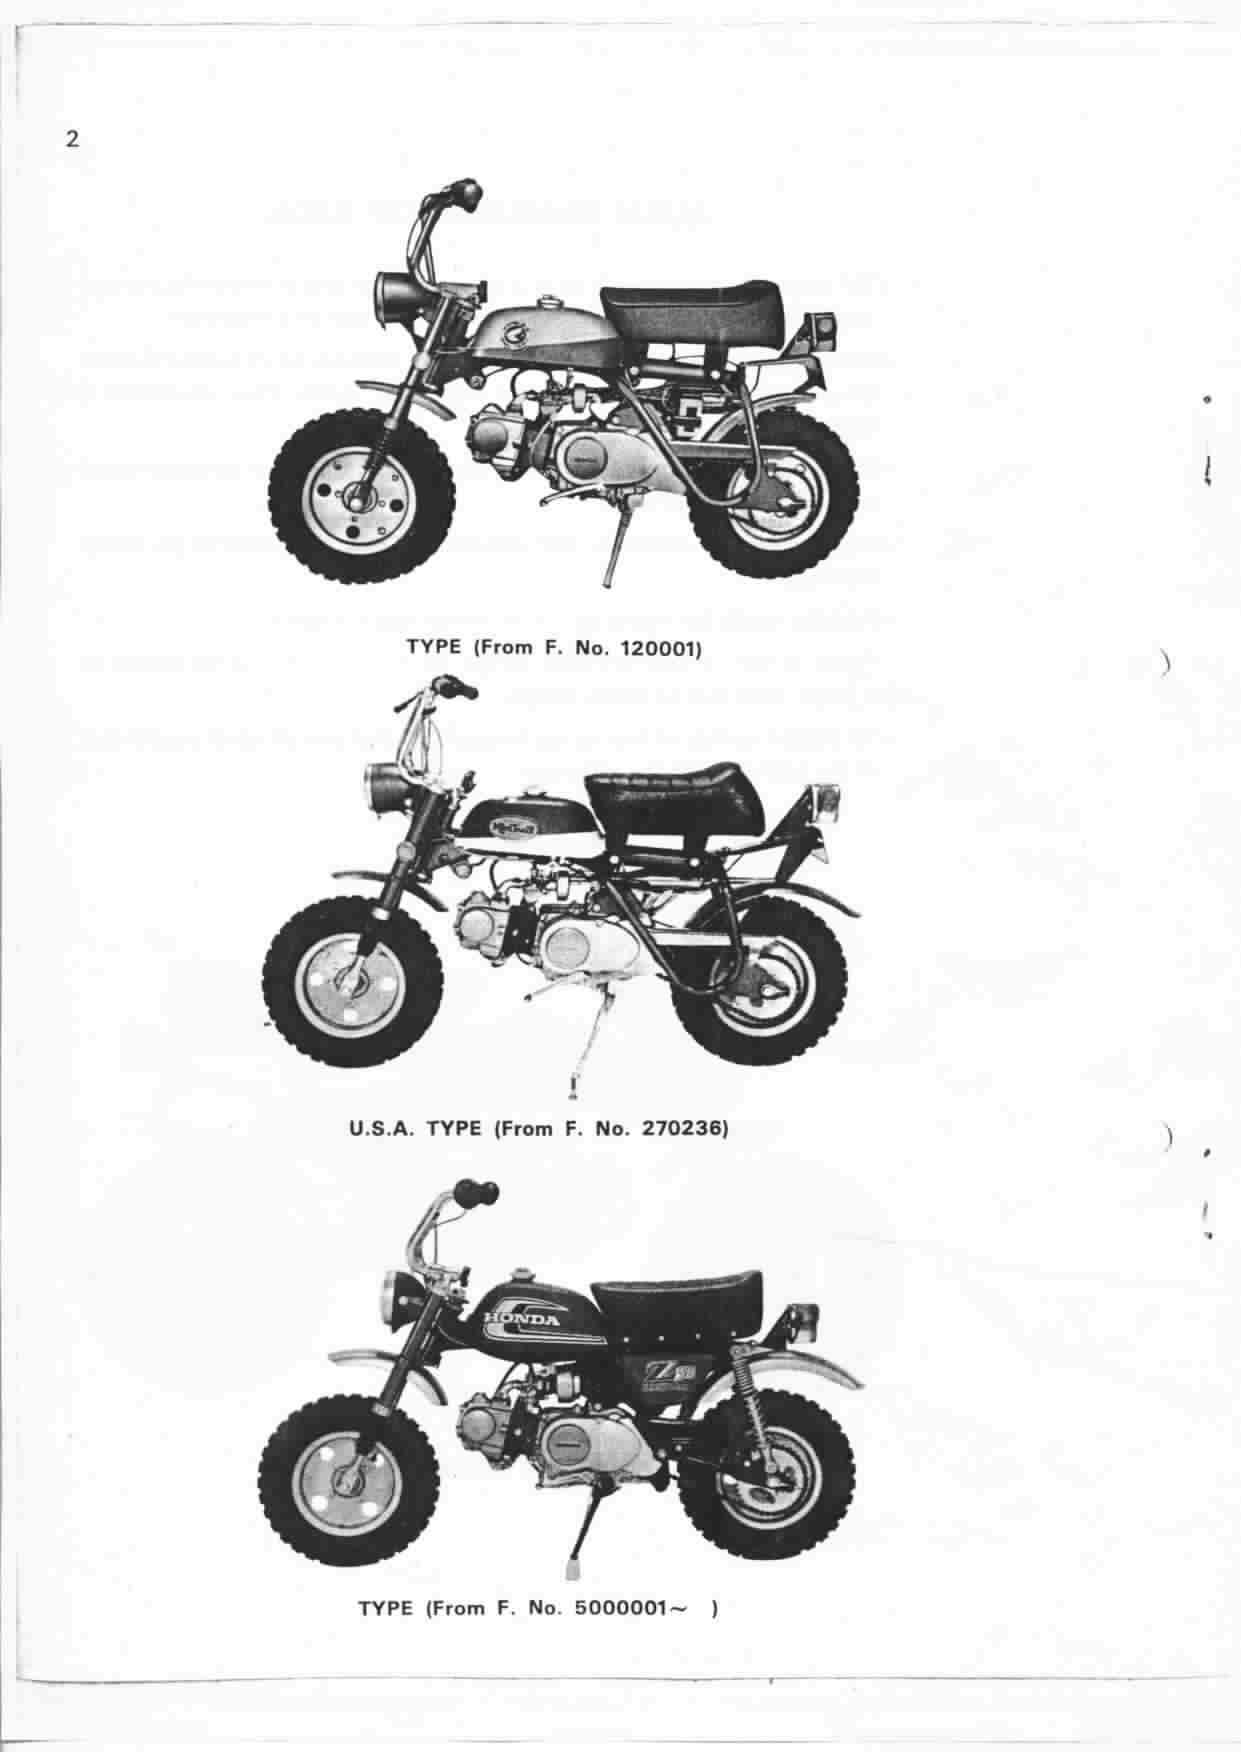 Honda monkey z50a tuning